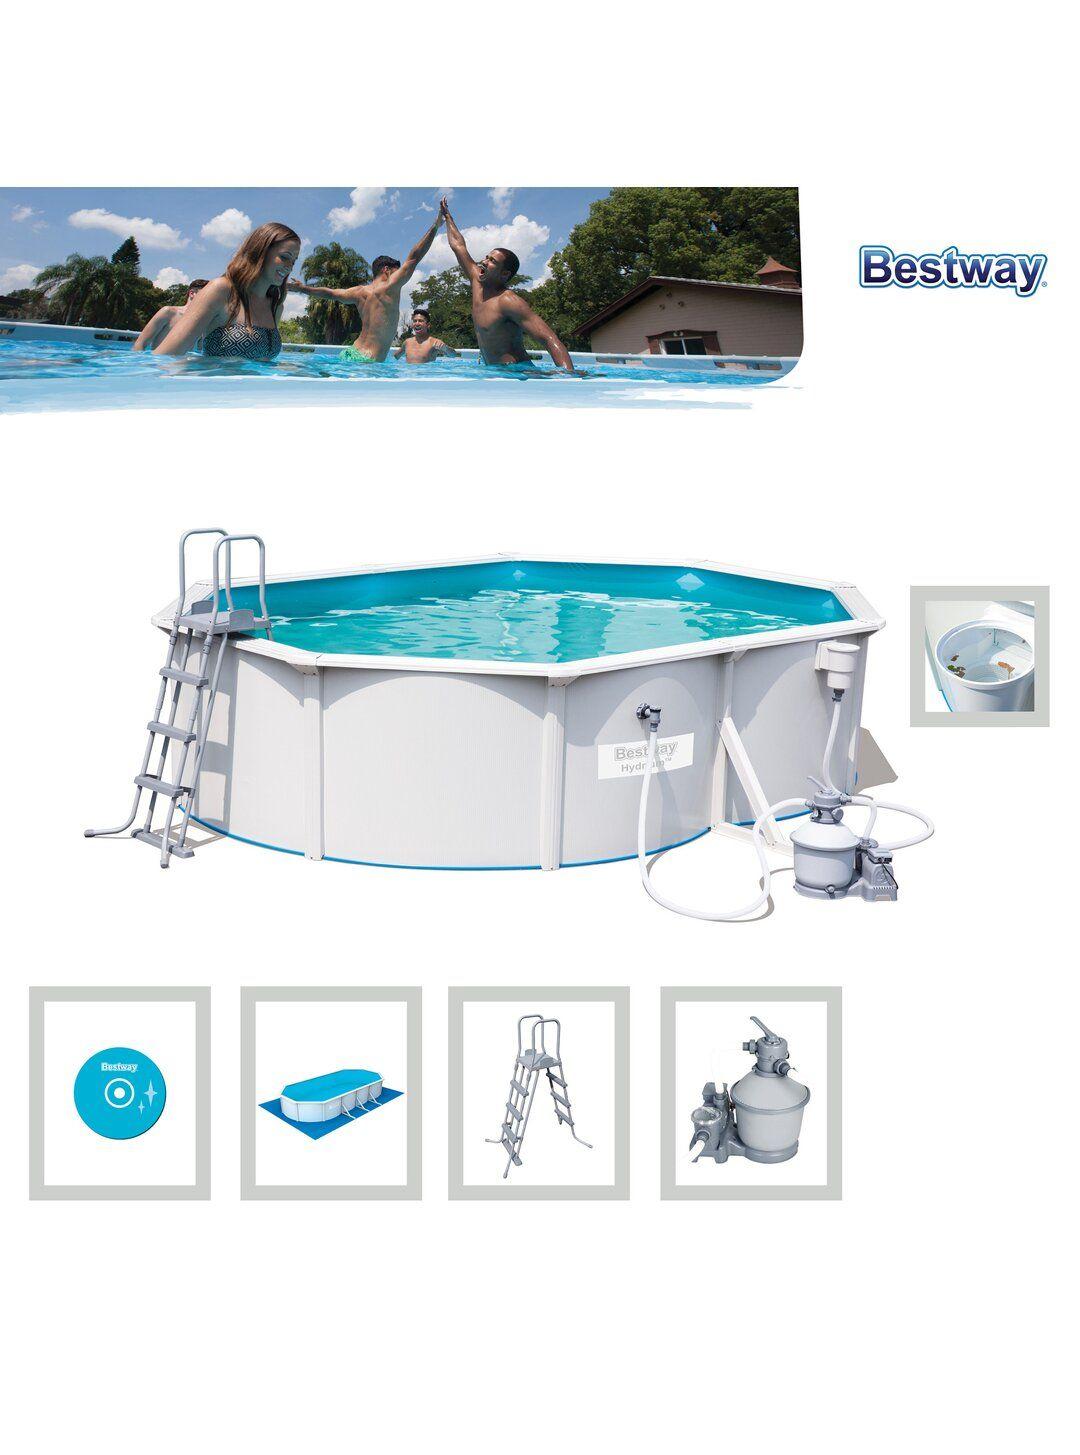 Bestway Hydrium Pool-Set Oval 500 cm x 360 cm x 120 cm Obi Abholung